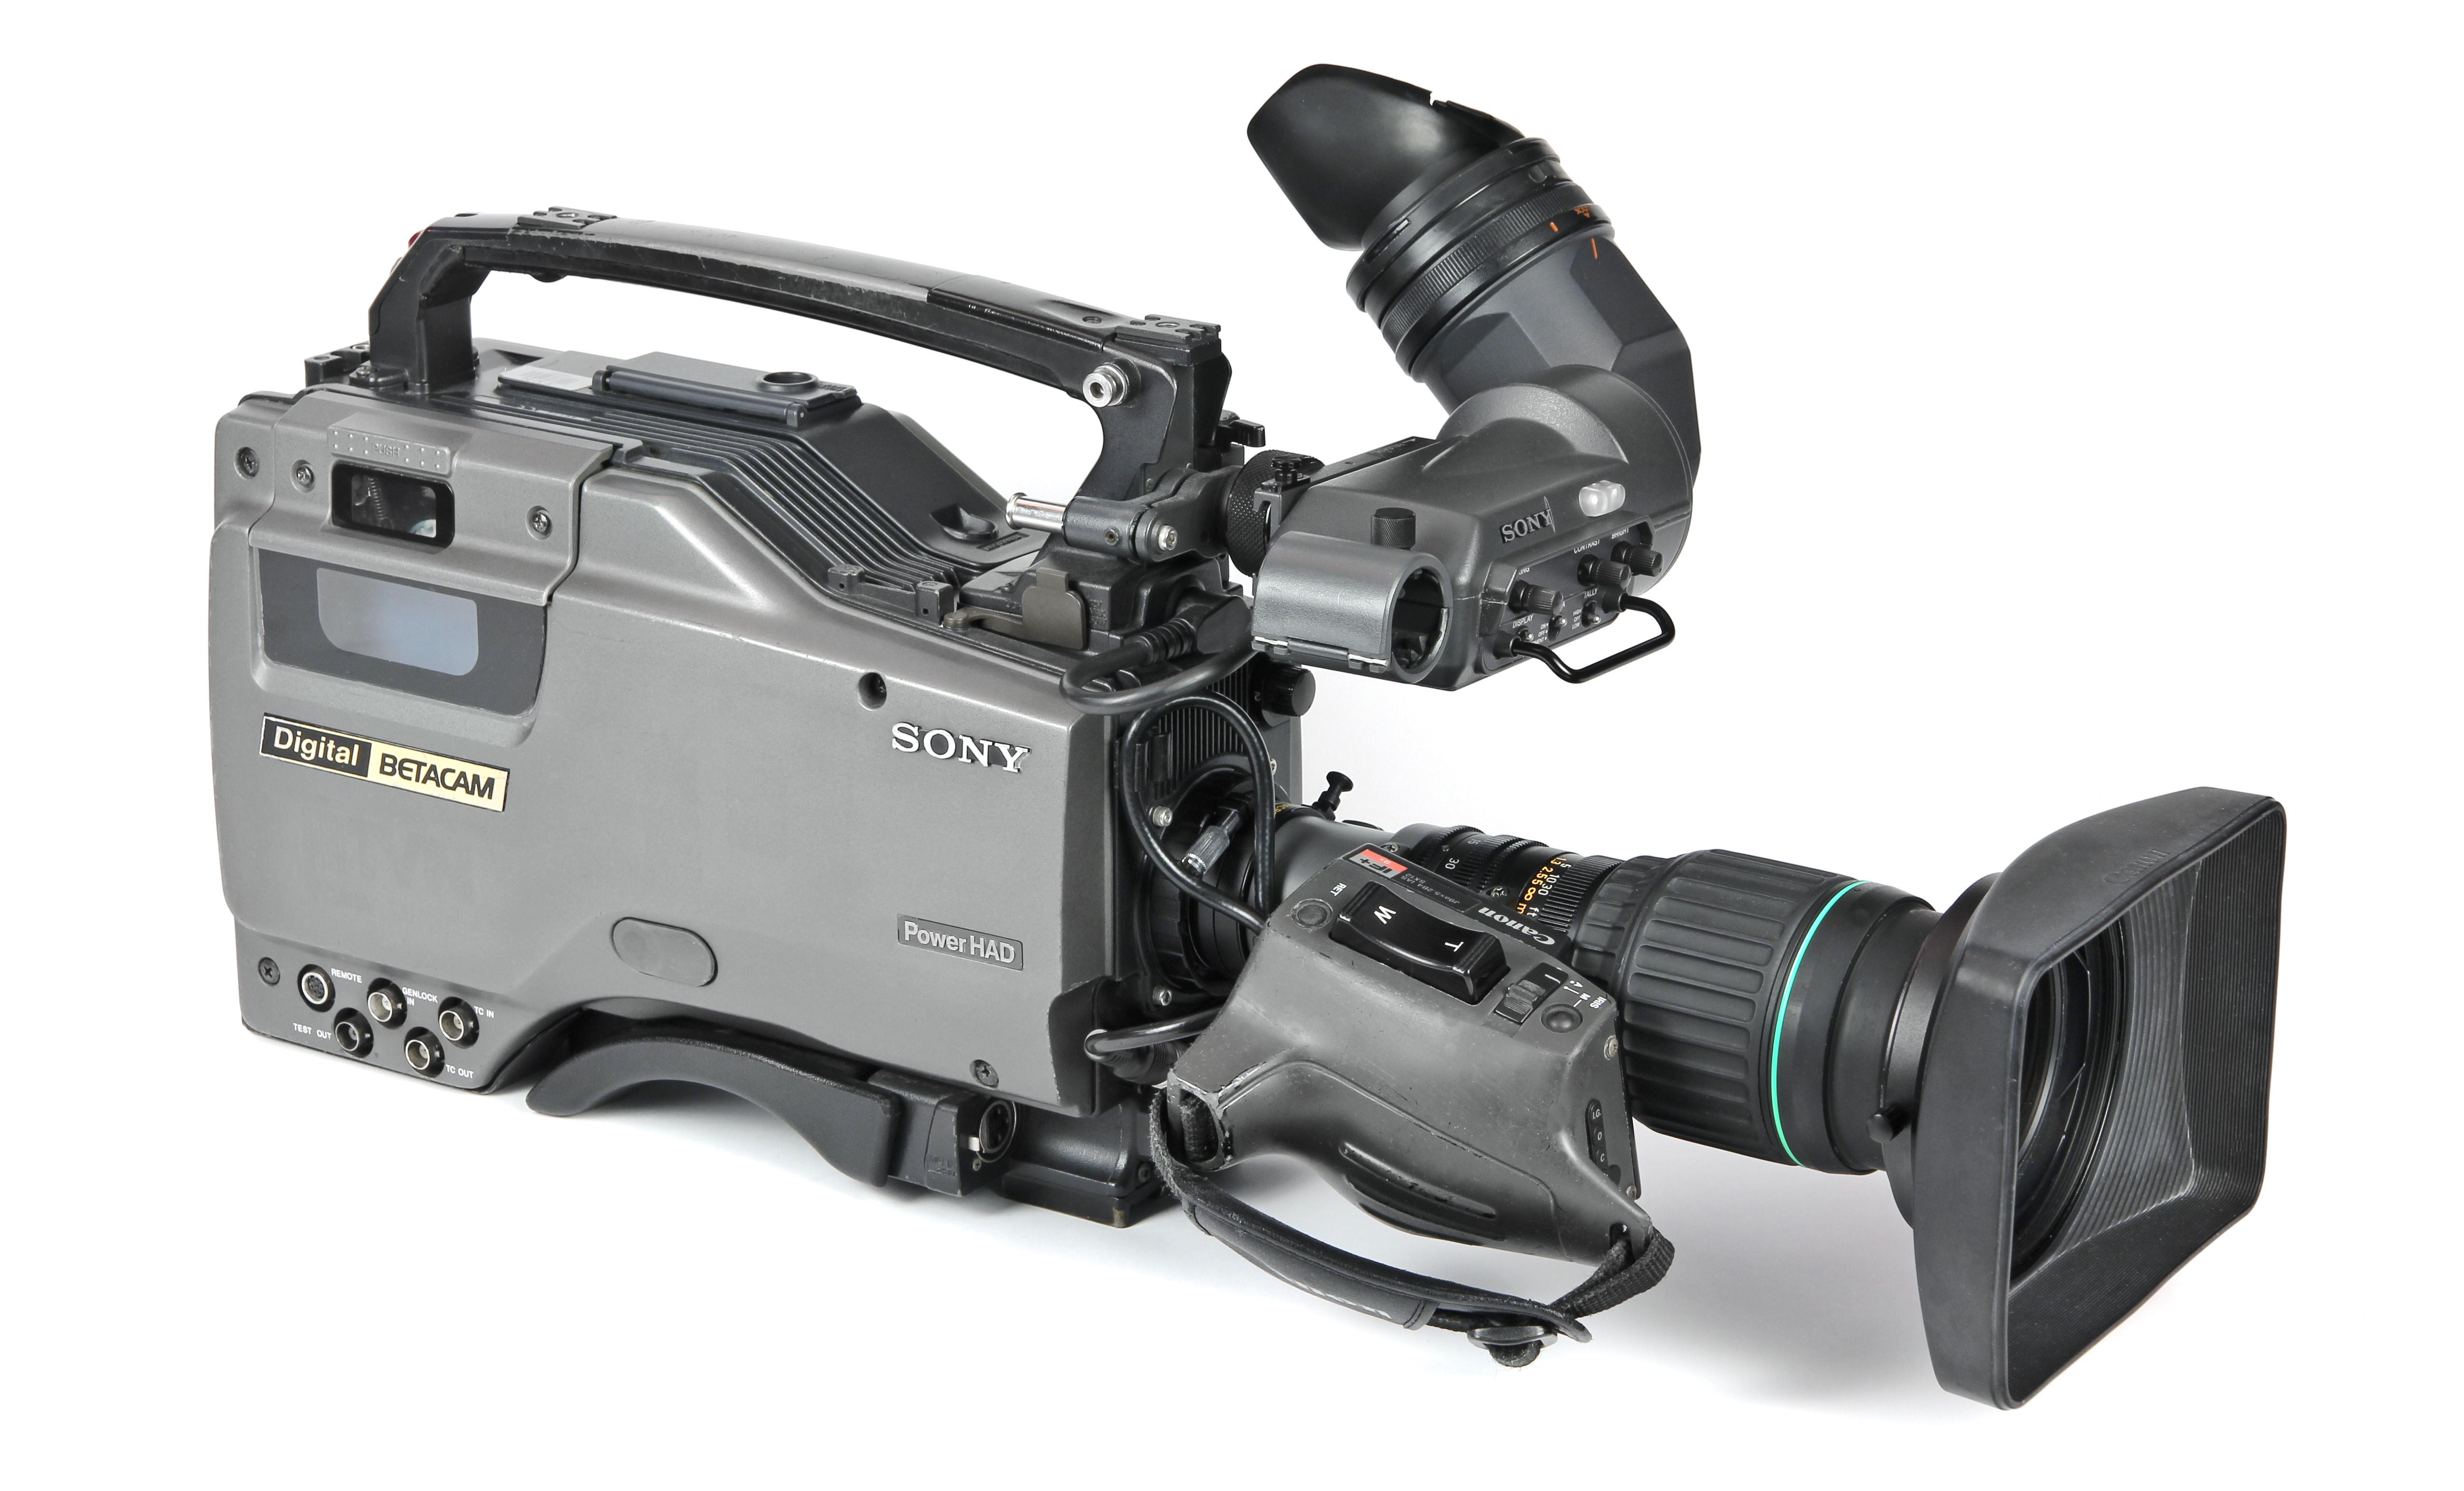 SONY DVW-700P - 5